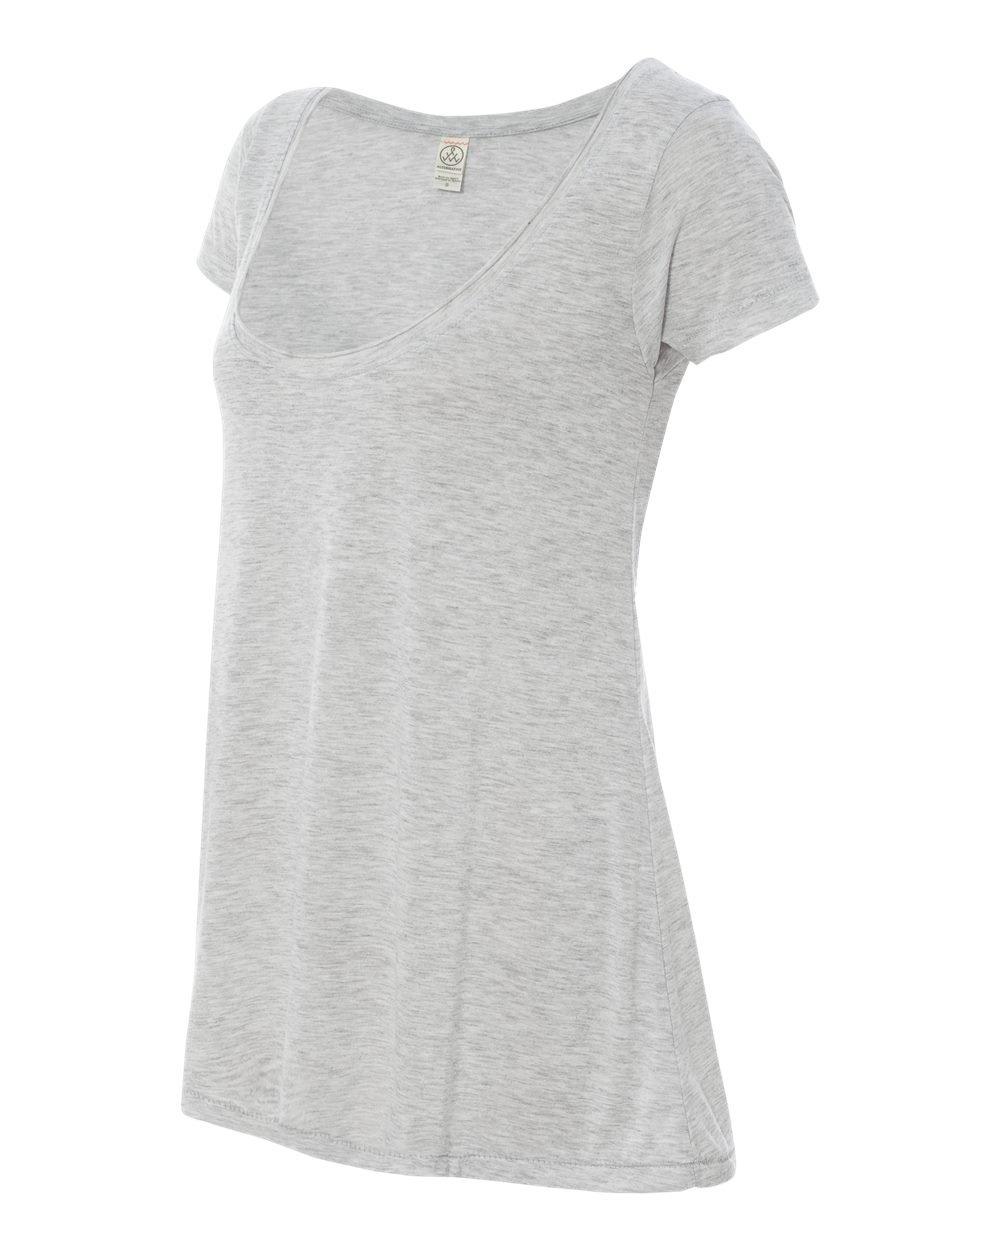 f10fdc65 Alternative Ladies' Short-Sleeve Drape Top 02668B2 - Evan Webster INK